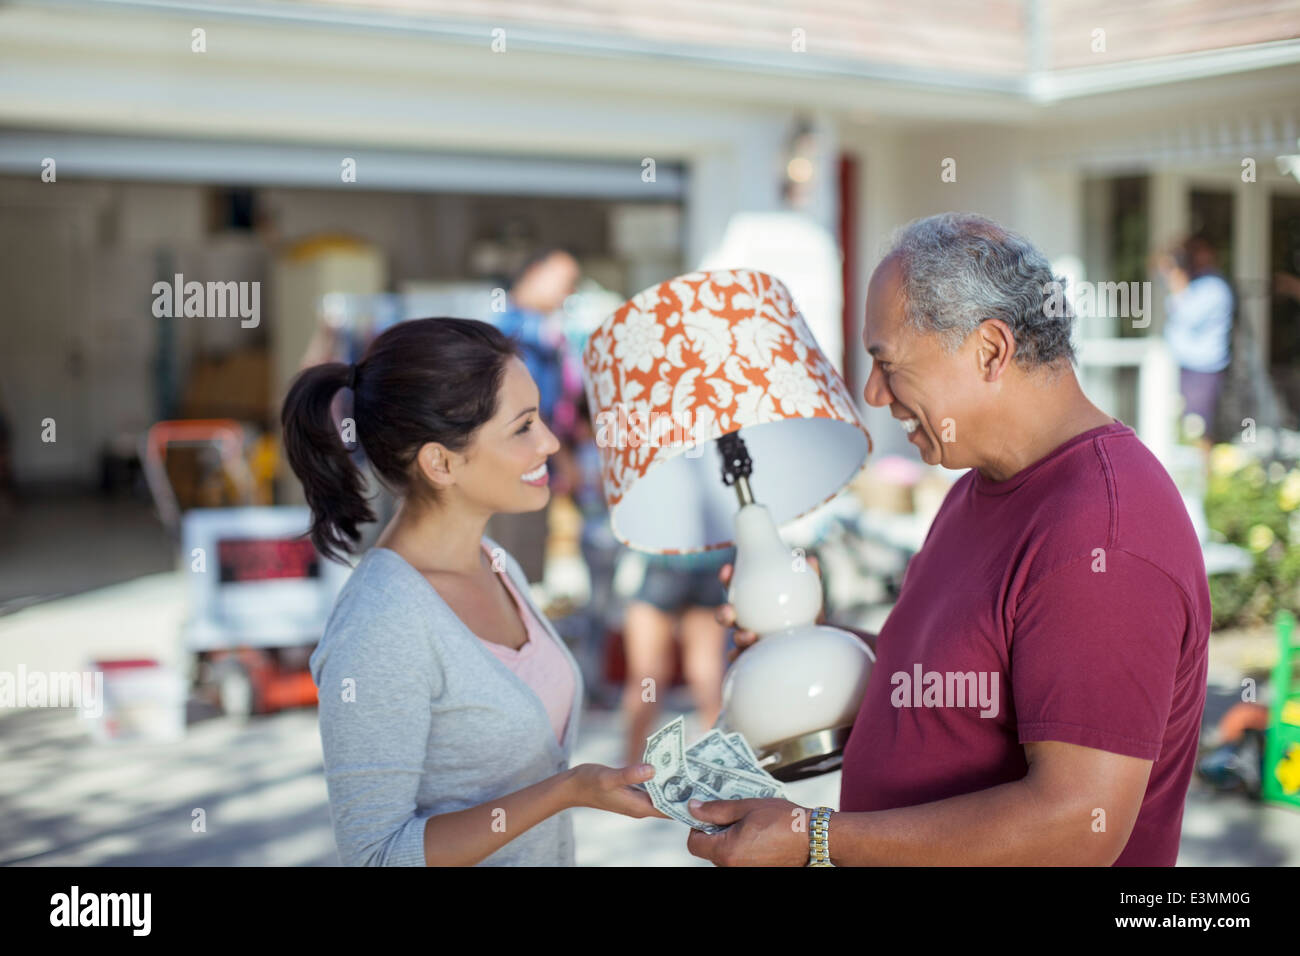 Man buying lamp at yard sale - Stock Image